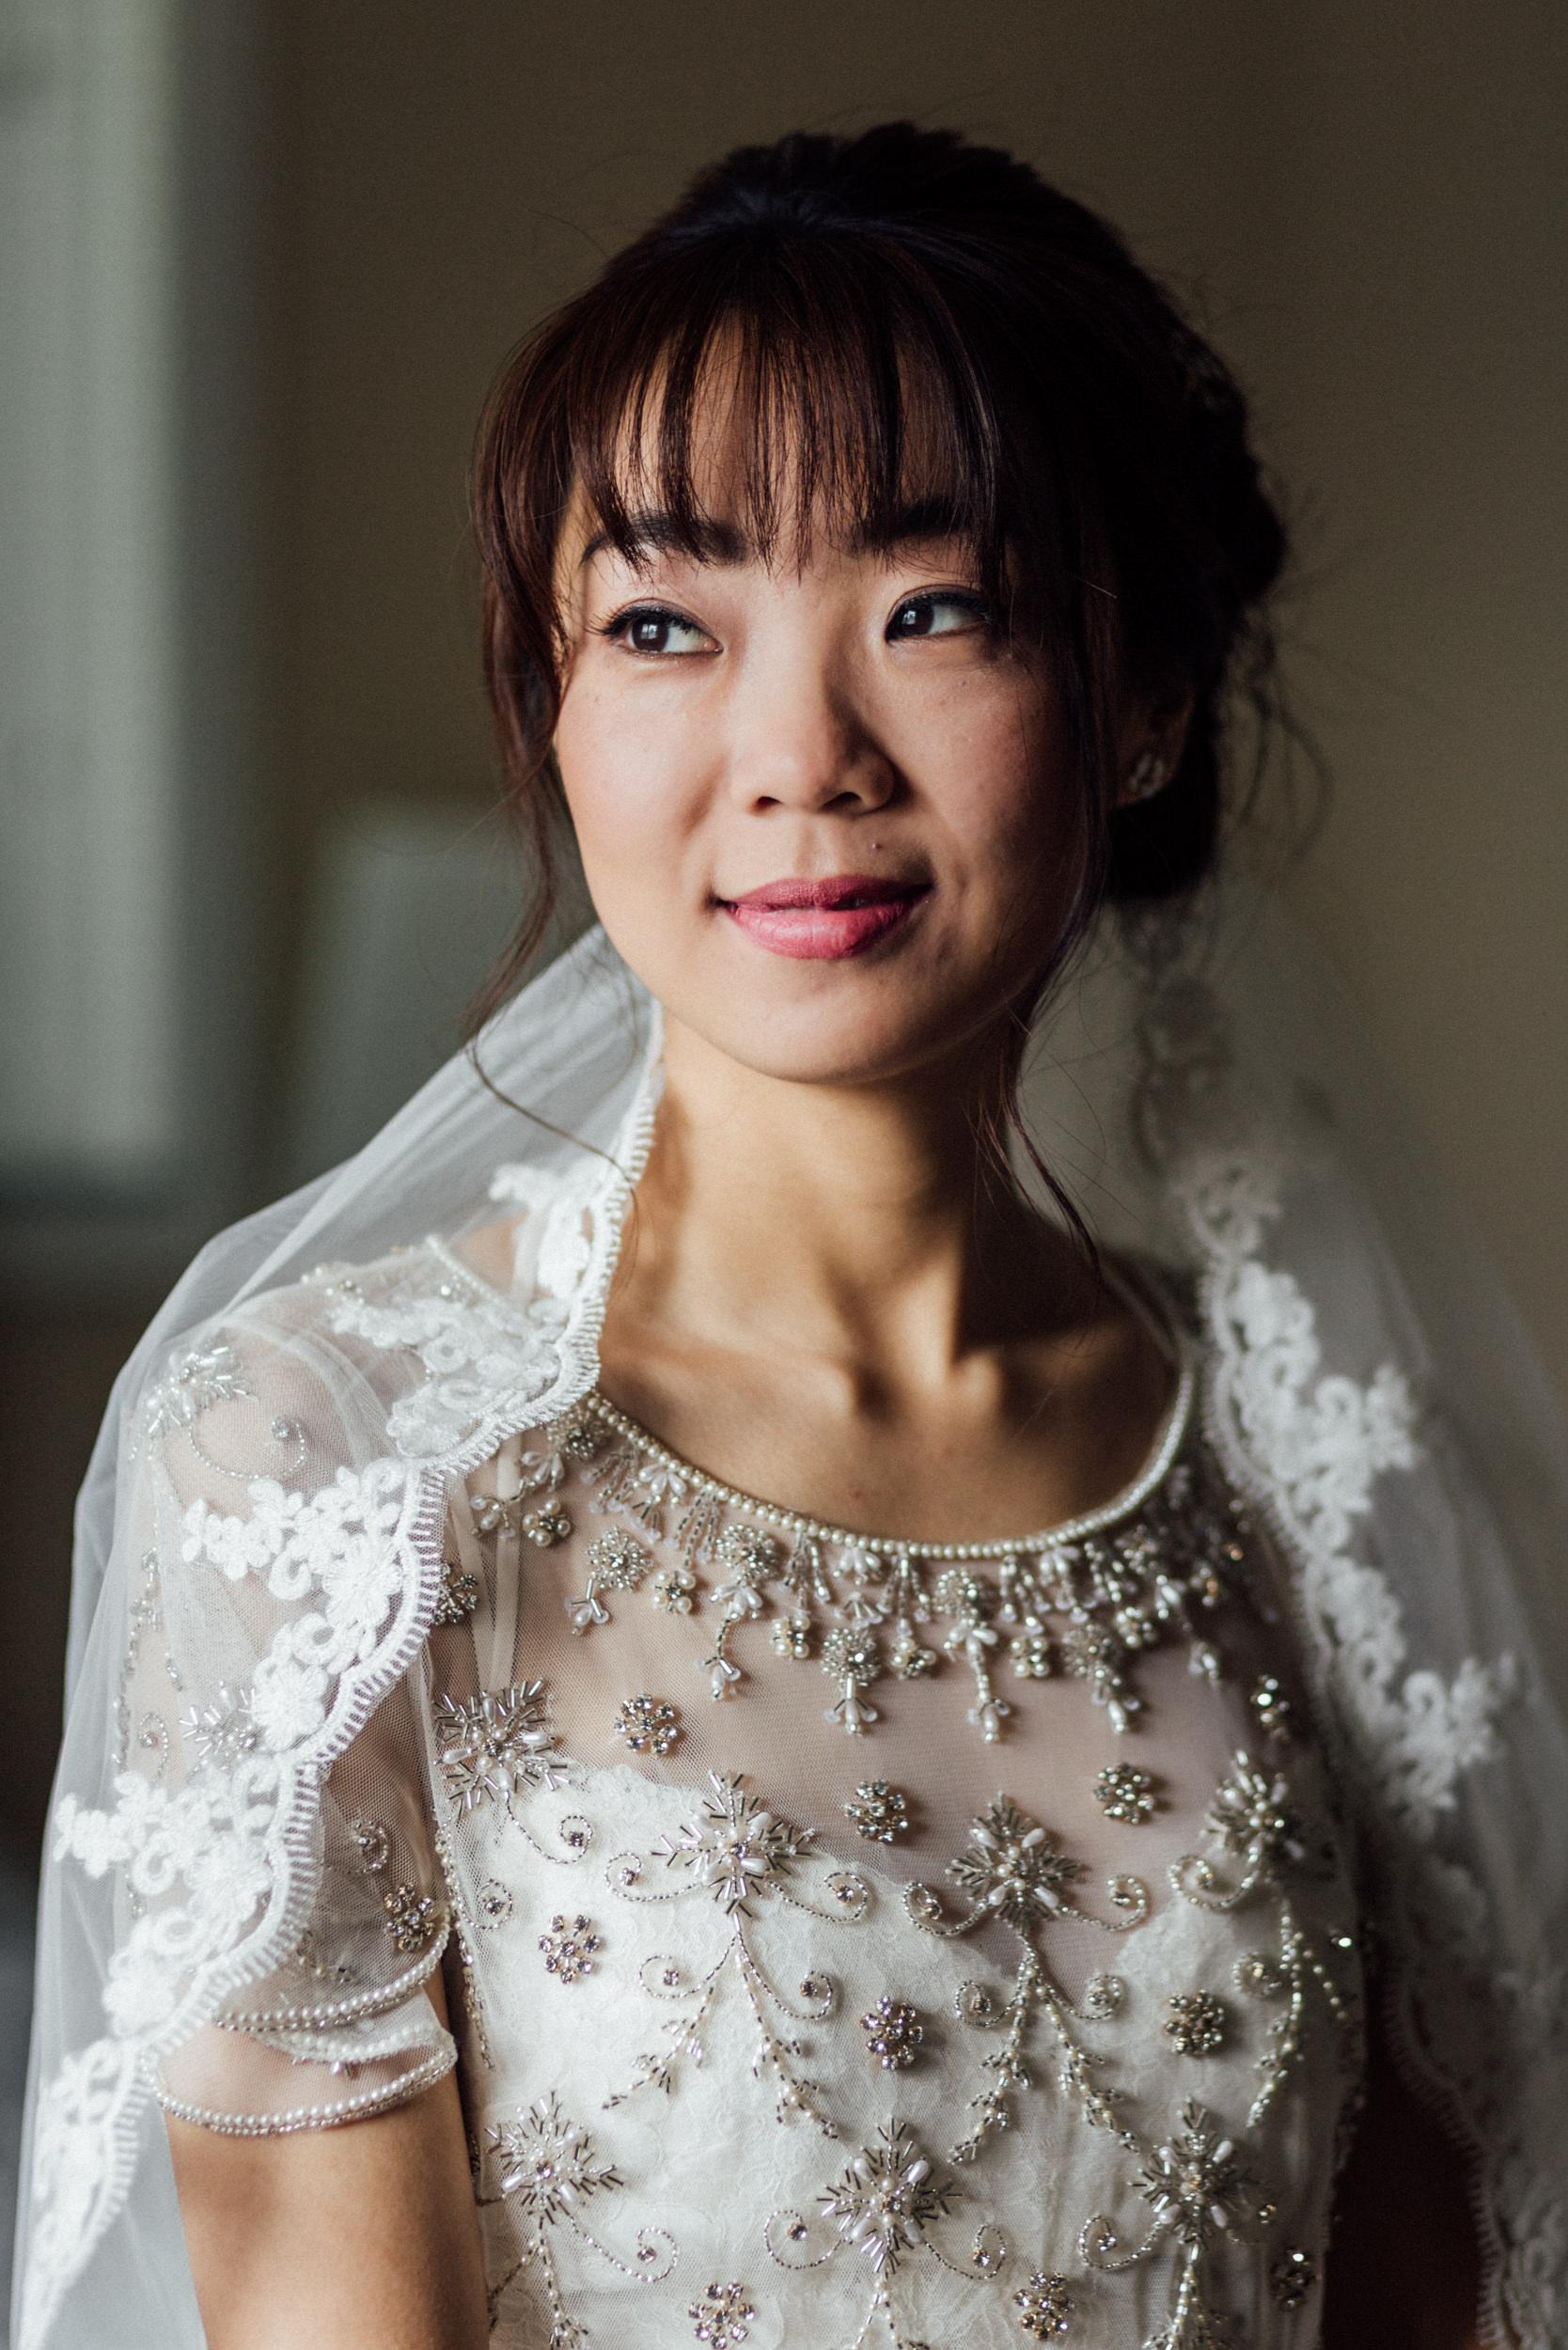 bride-in-window-light.jpg